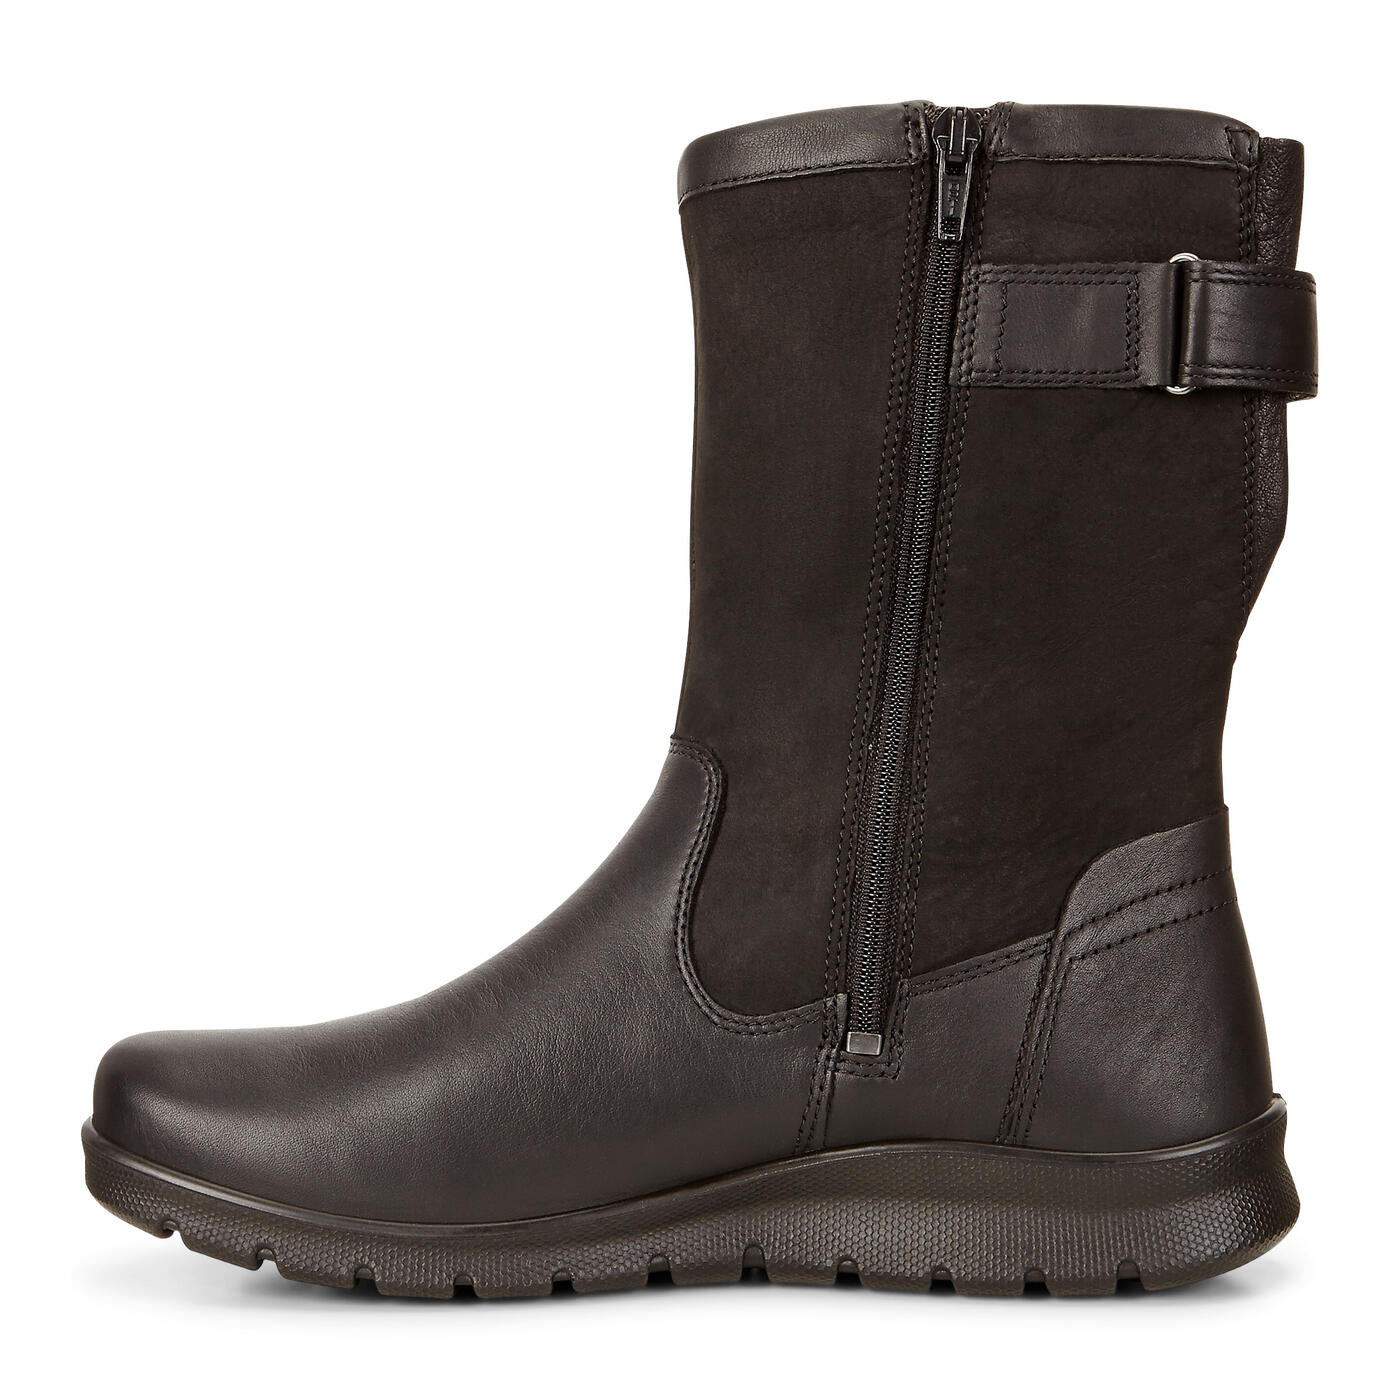 ECCO BABETT BOOT Long Boot GTX